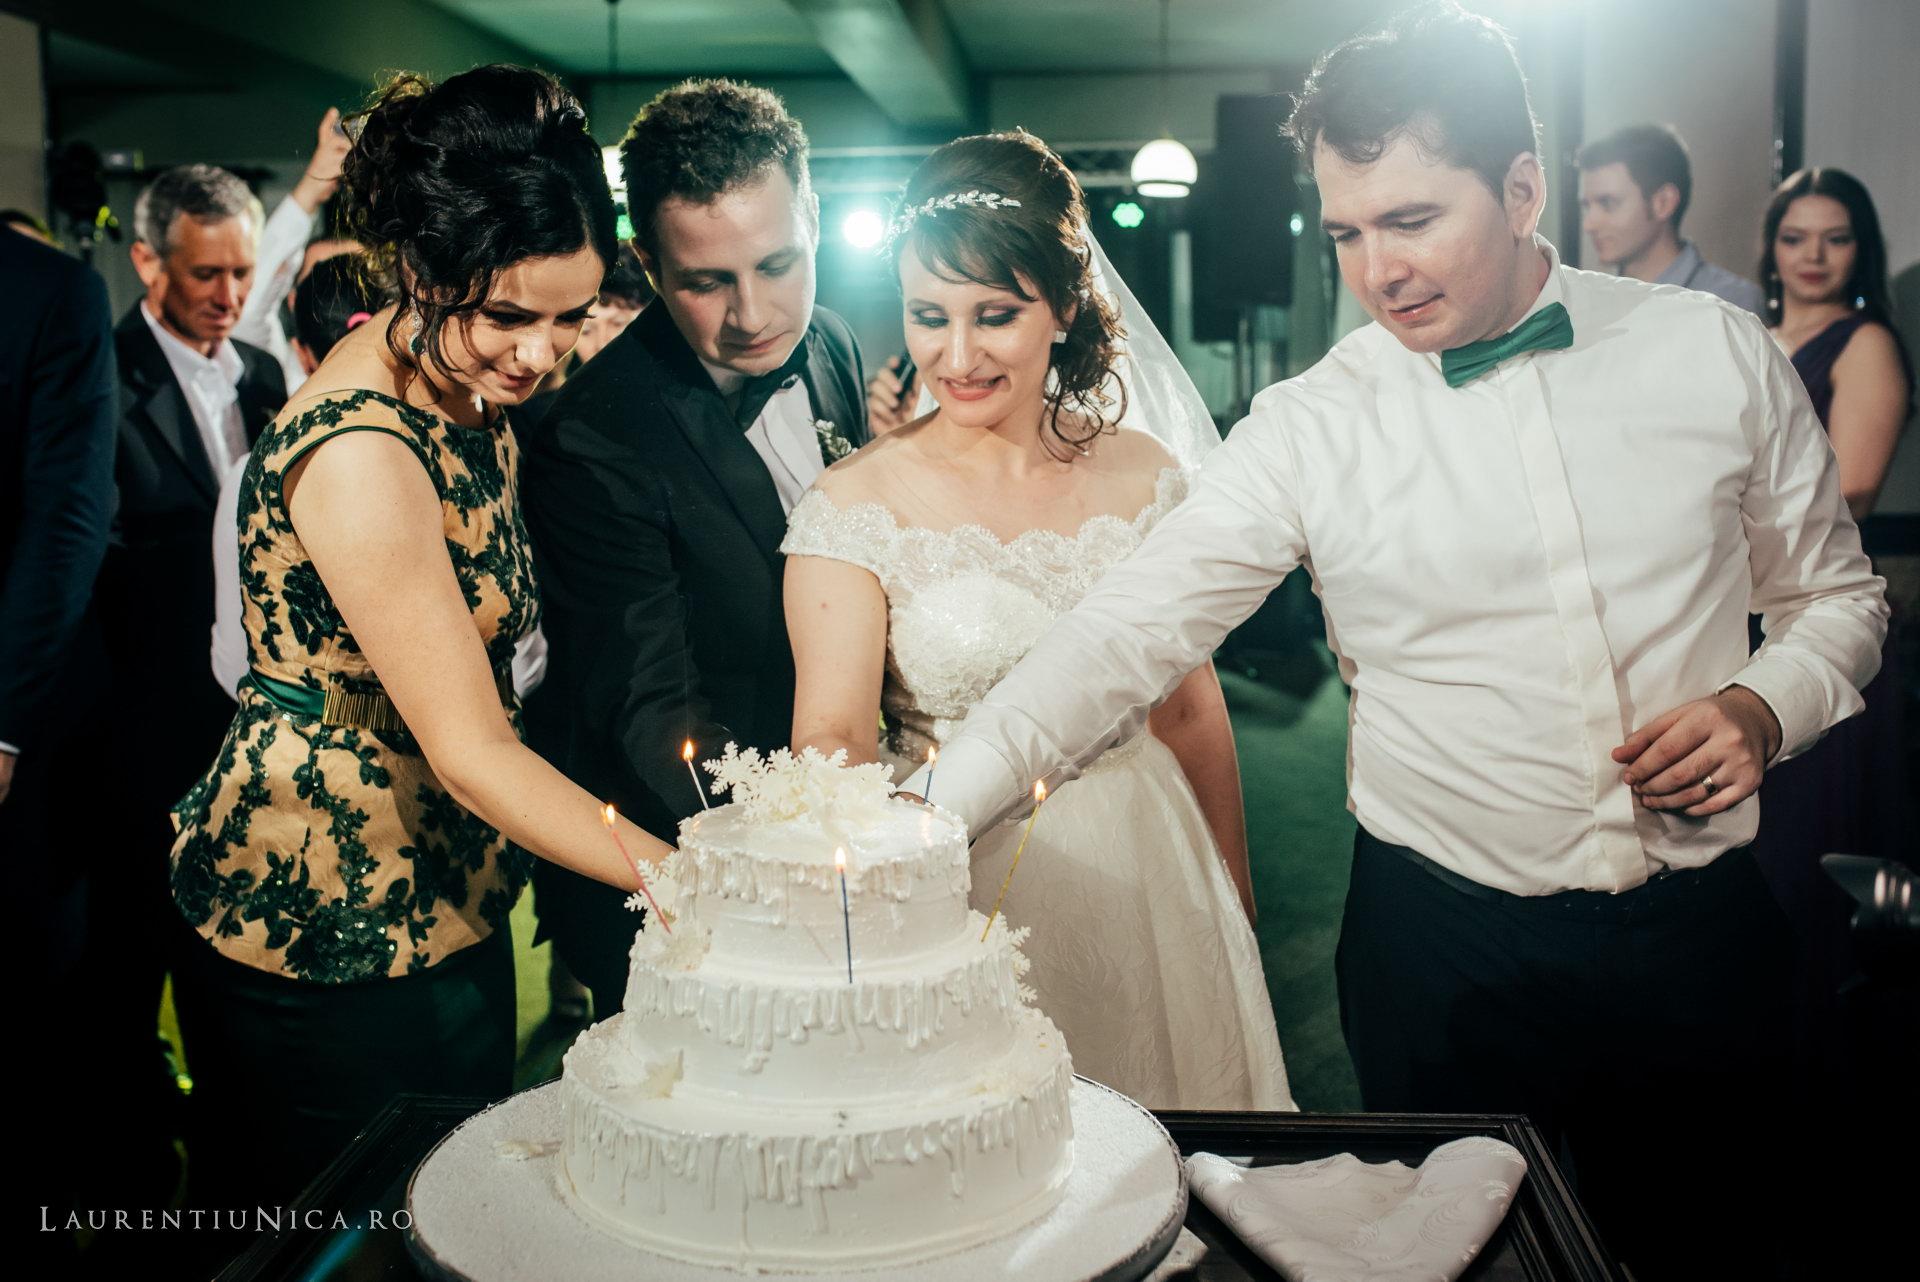 daniela si marius fotografii nunta craiova laurentiu nica63 - Daniela & Marius | Fotografii nunta